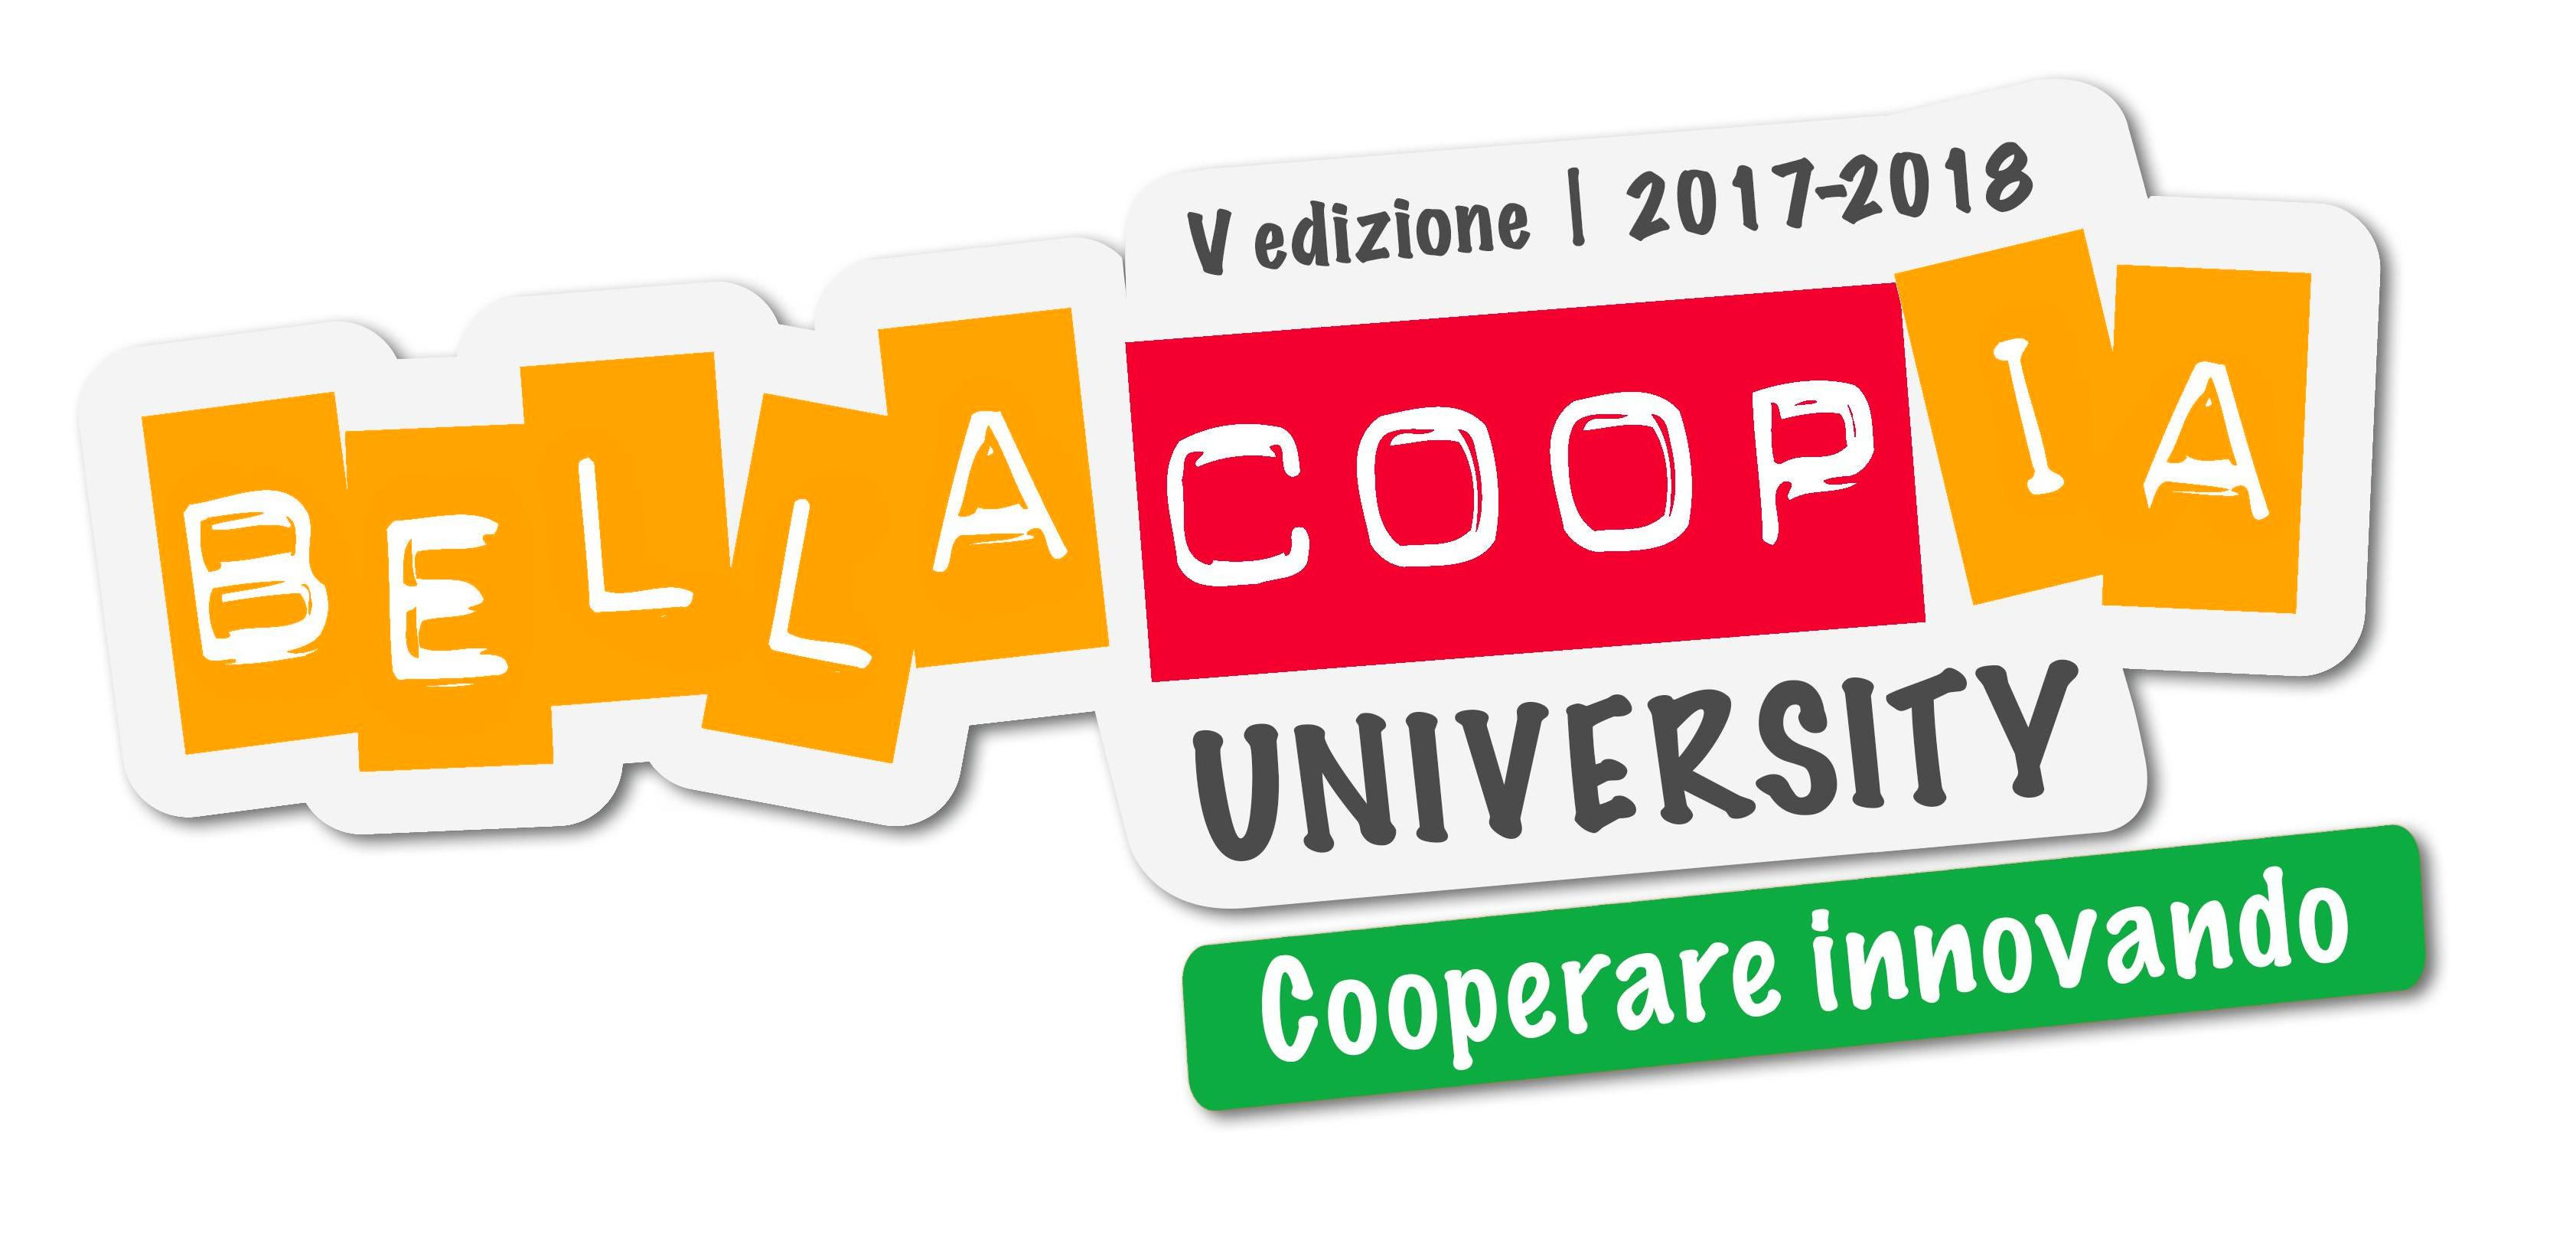 University Logo 2017-2018